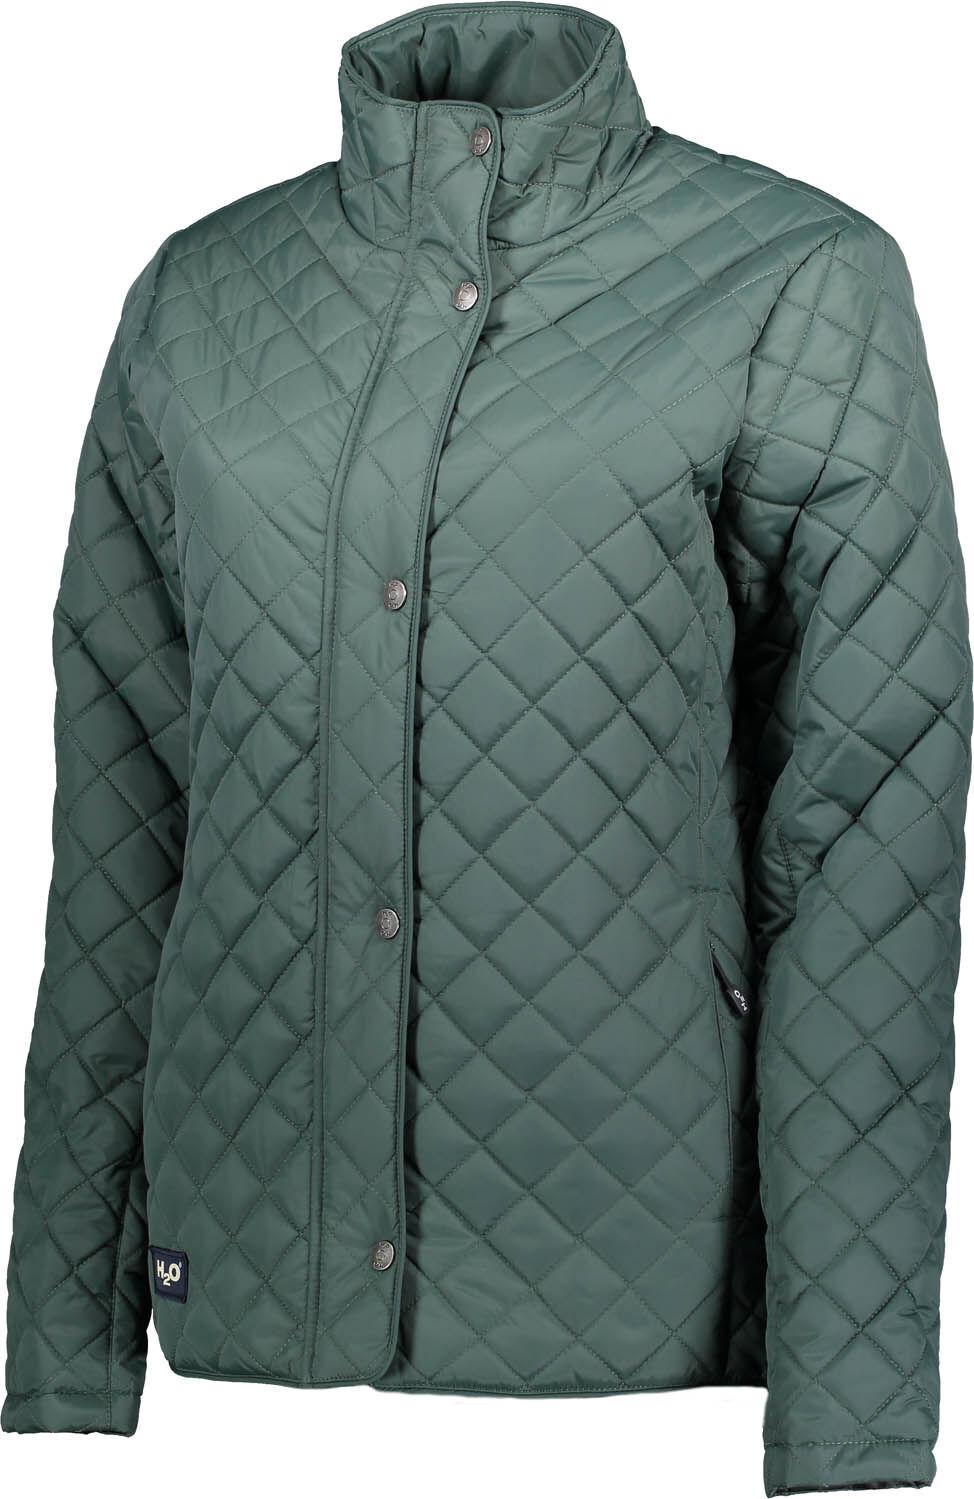 H2o jakke herretøj Herretøj • Find billigste pris hos